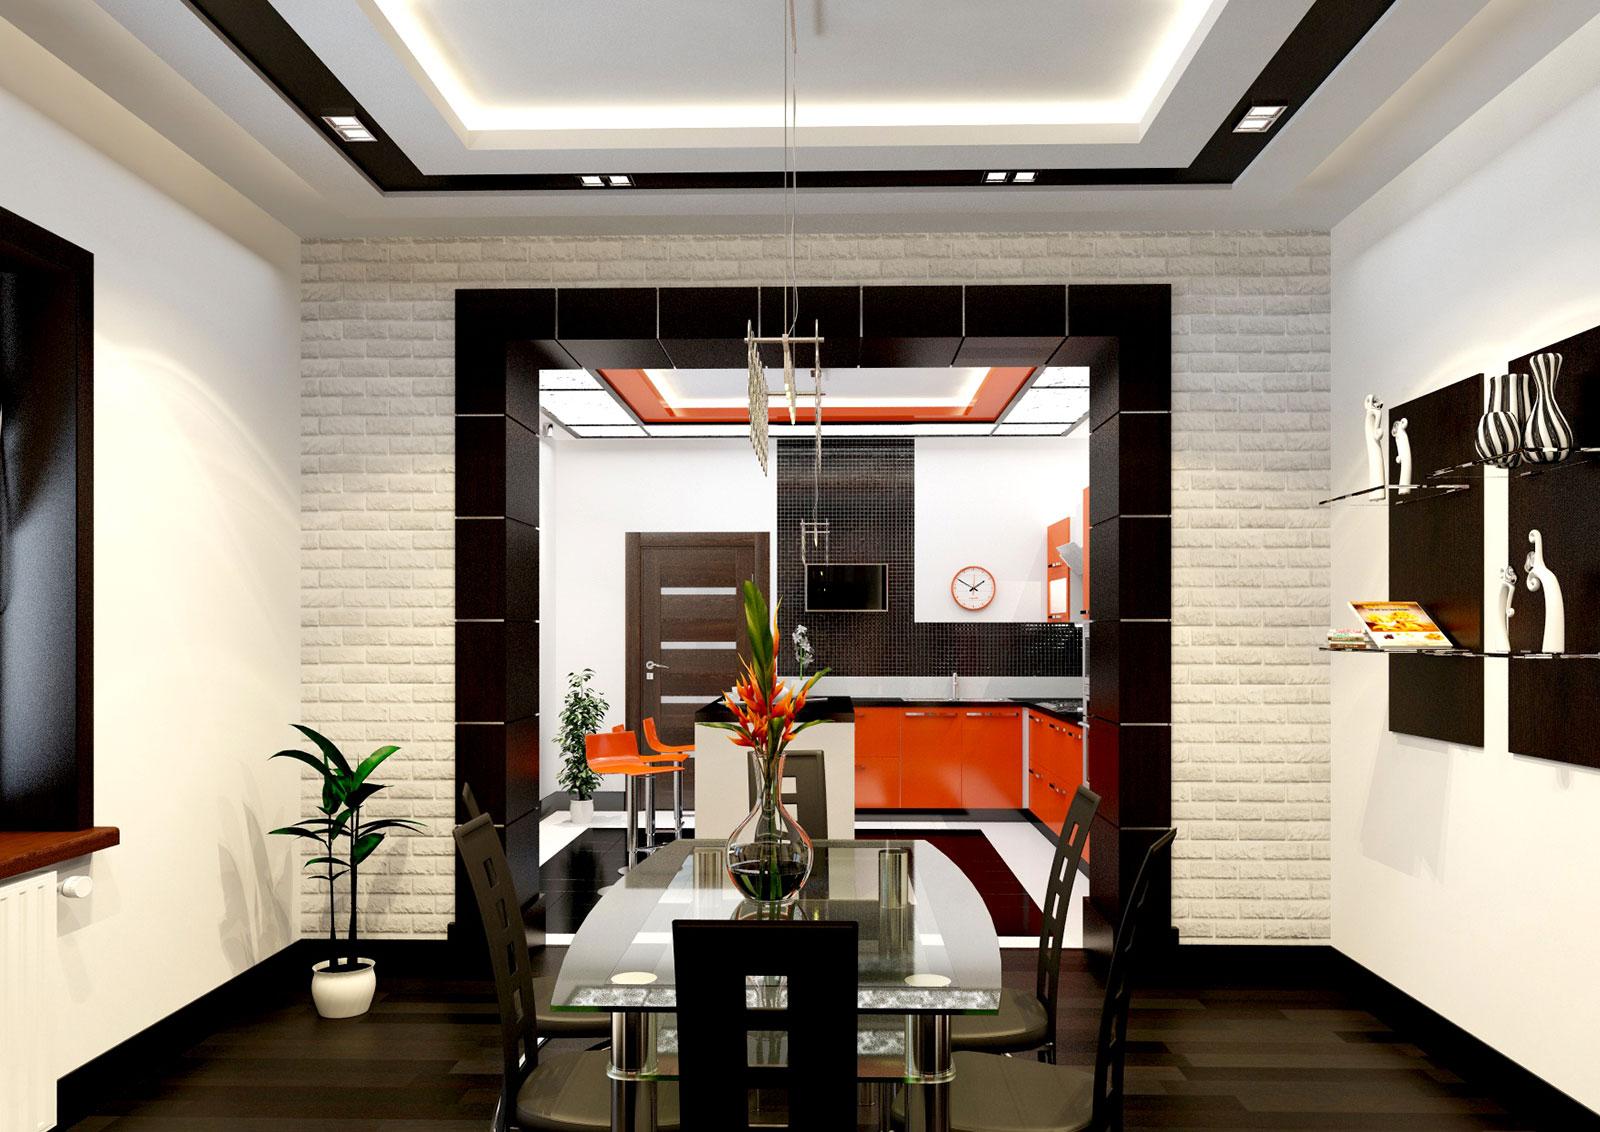 Дизайн интерьера в стиле хай тек